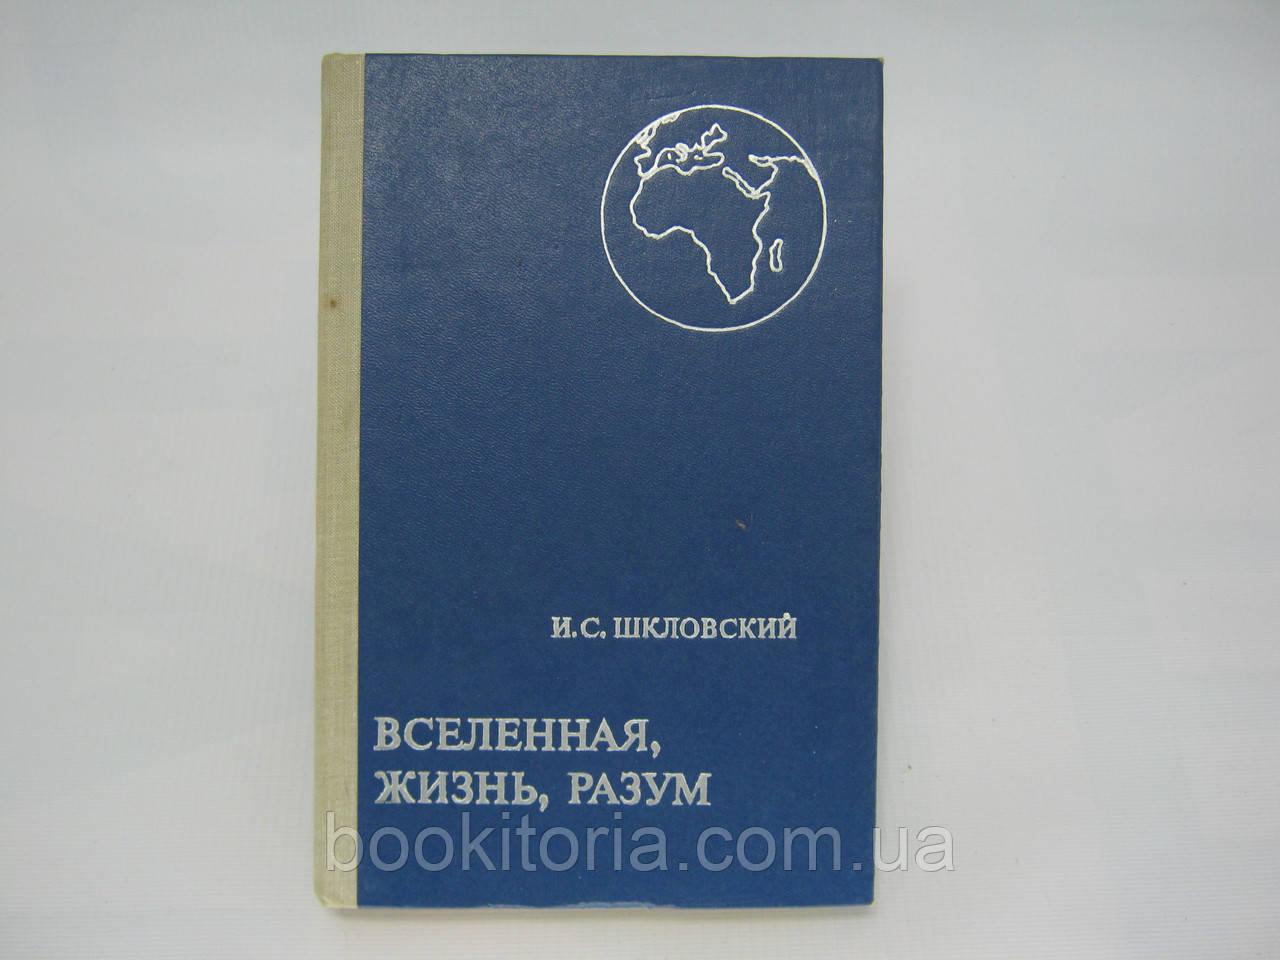 Шкловский И.С. Вселенная, жизнь, разум (б/у).